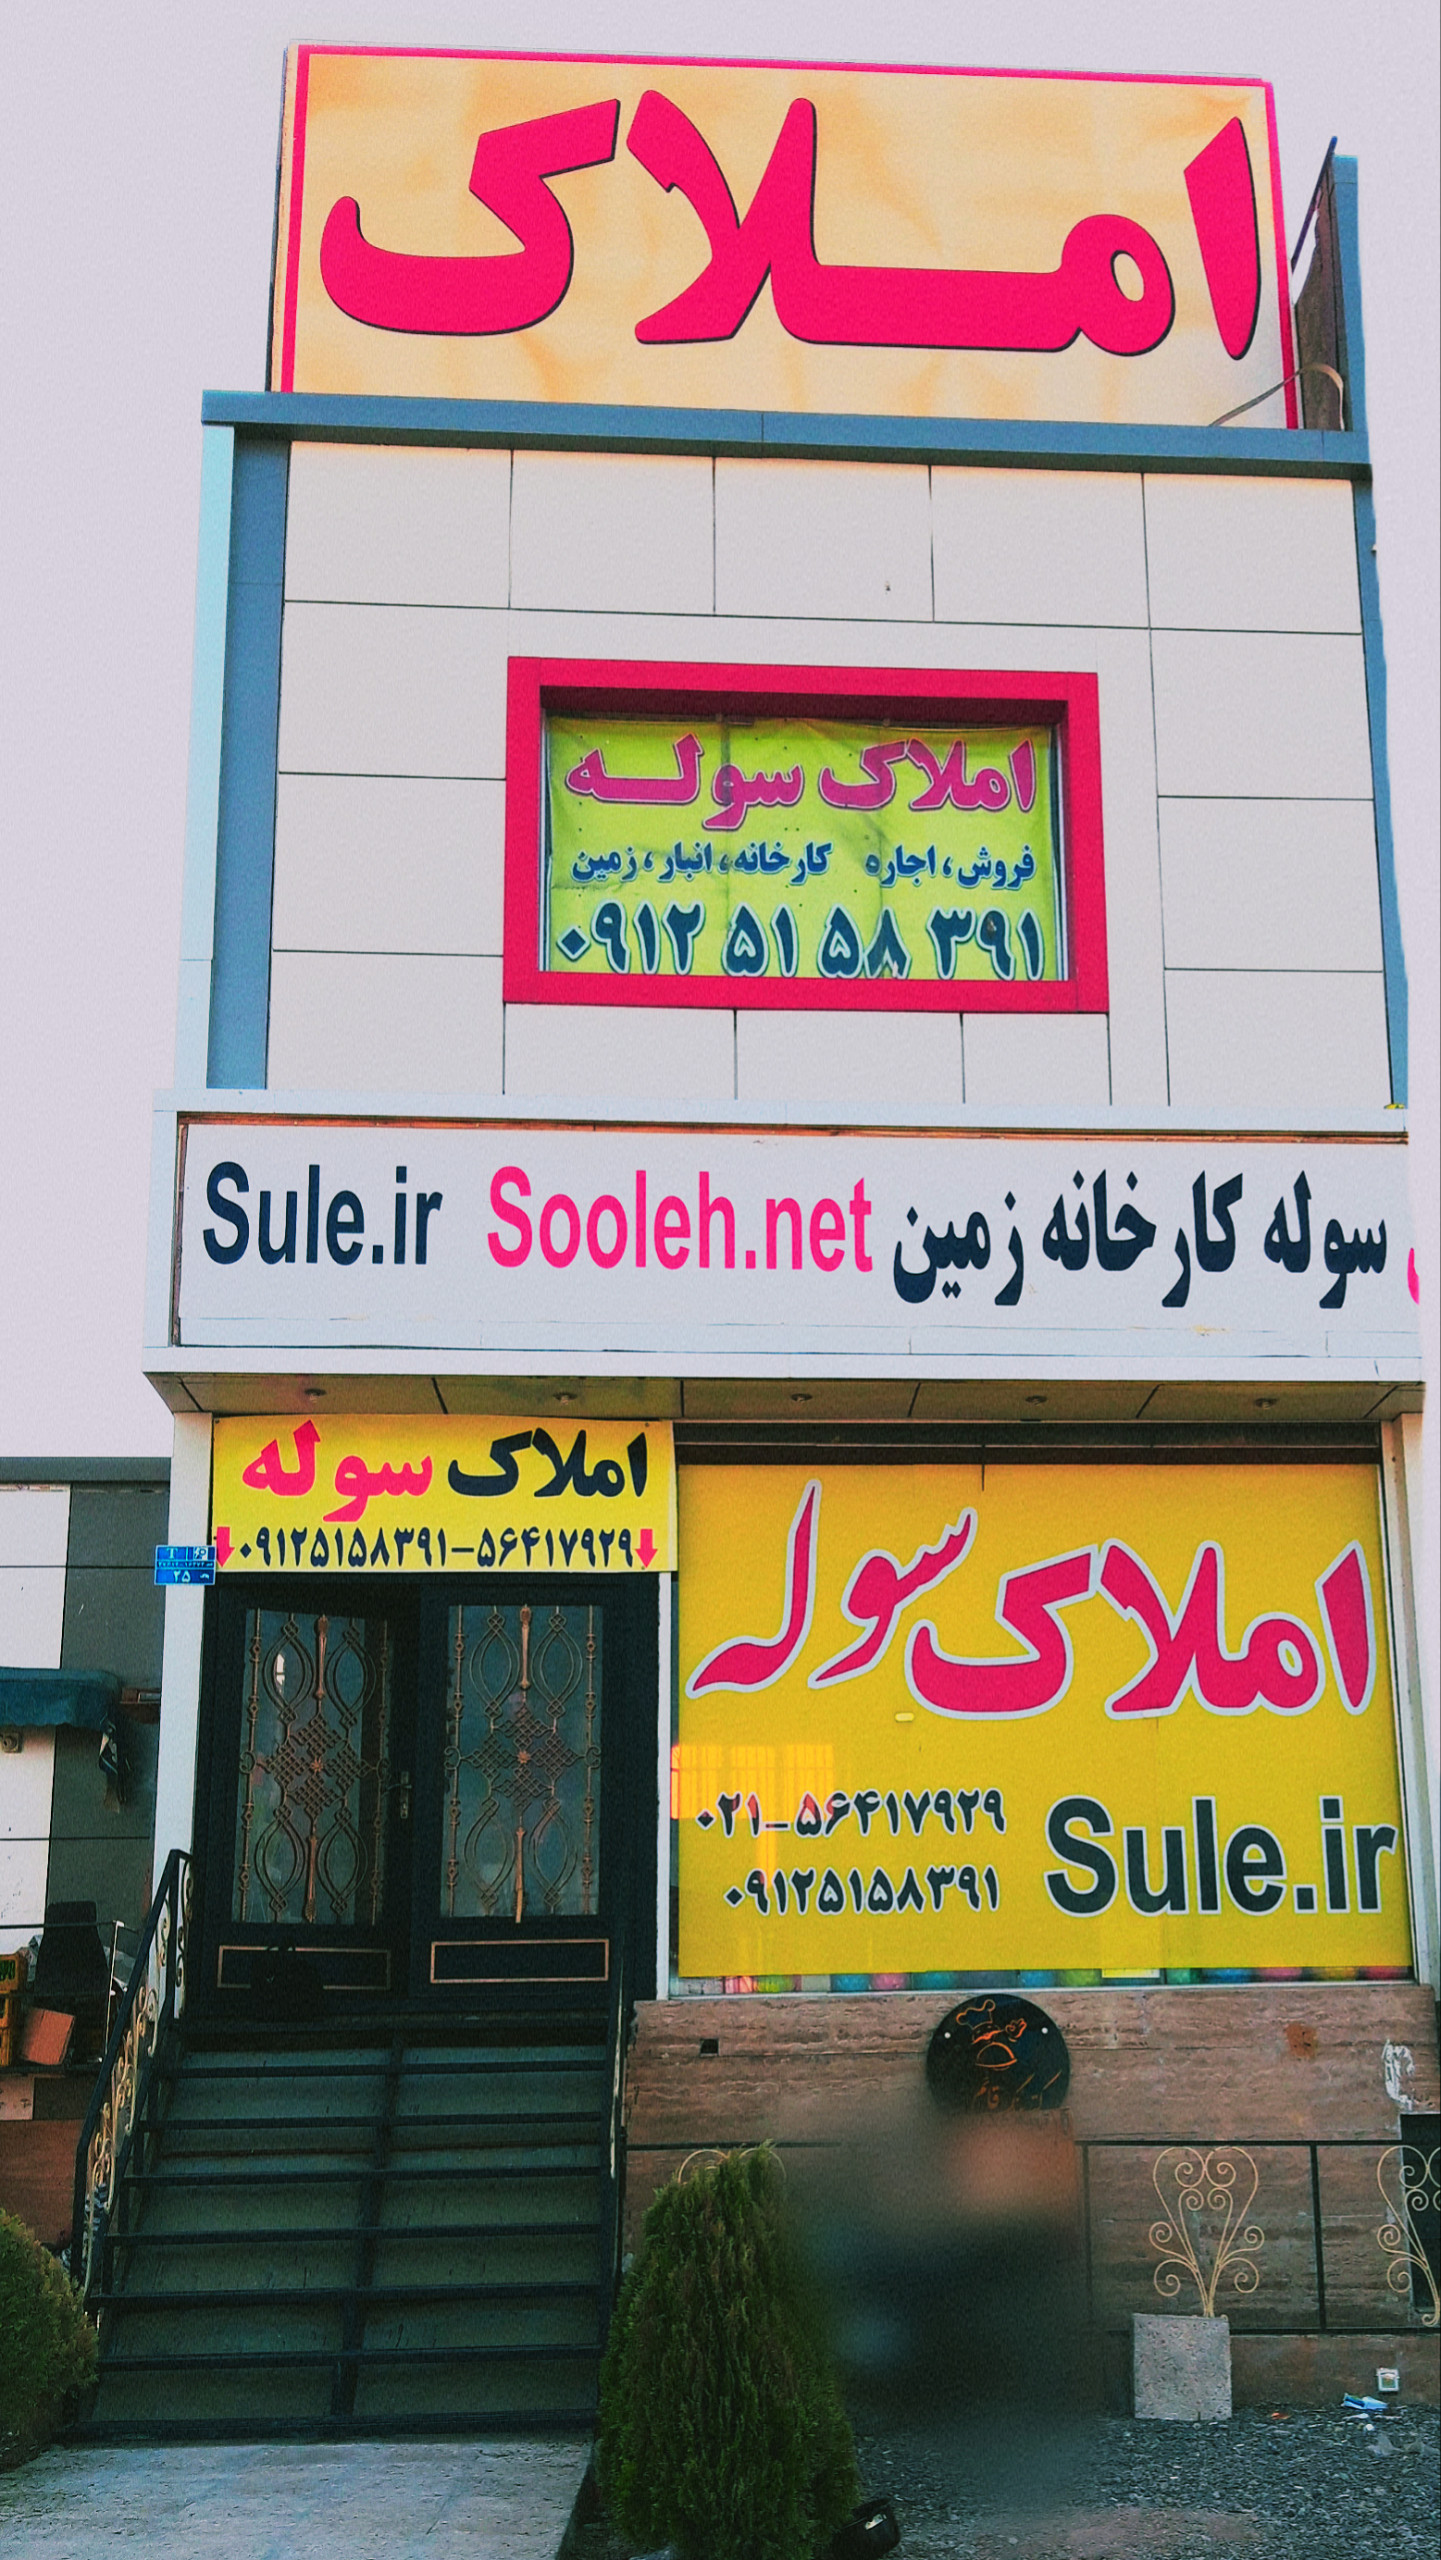 فروش کارگاه و کارخانه با کاربری صنعتی جاده قدیم قم - تهران